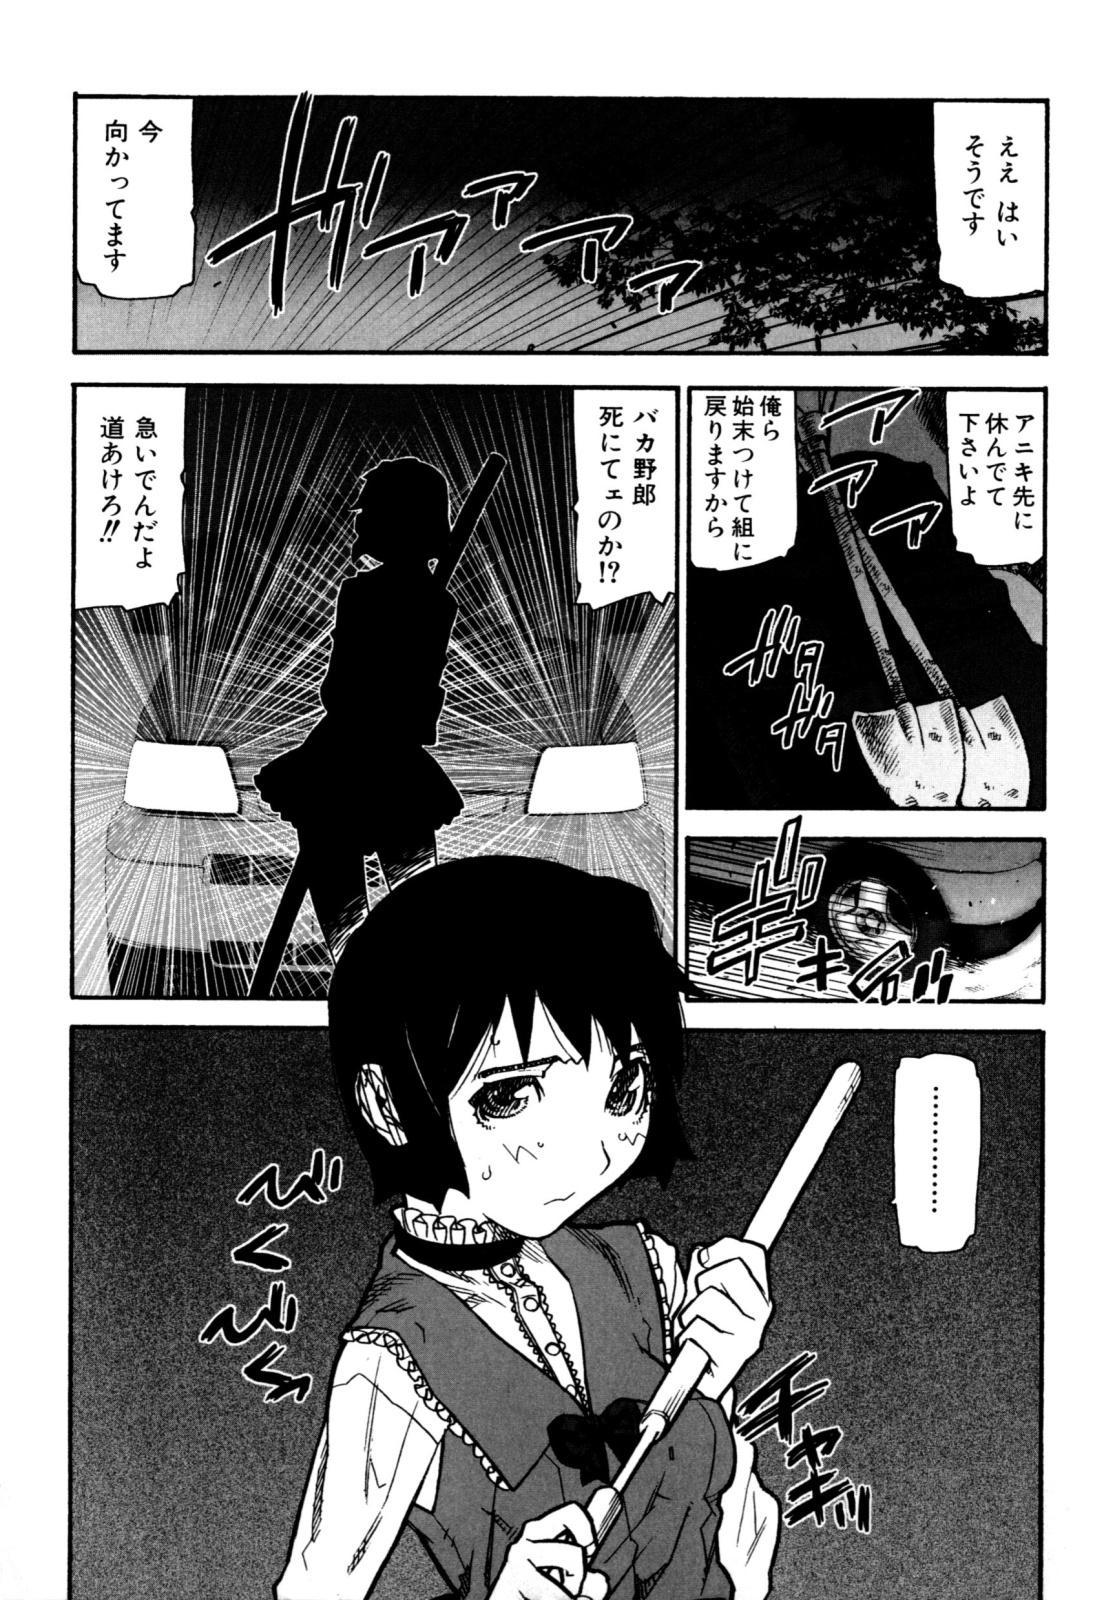 Fukuro no Nakami 151